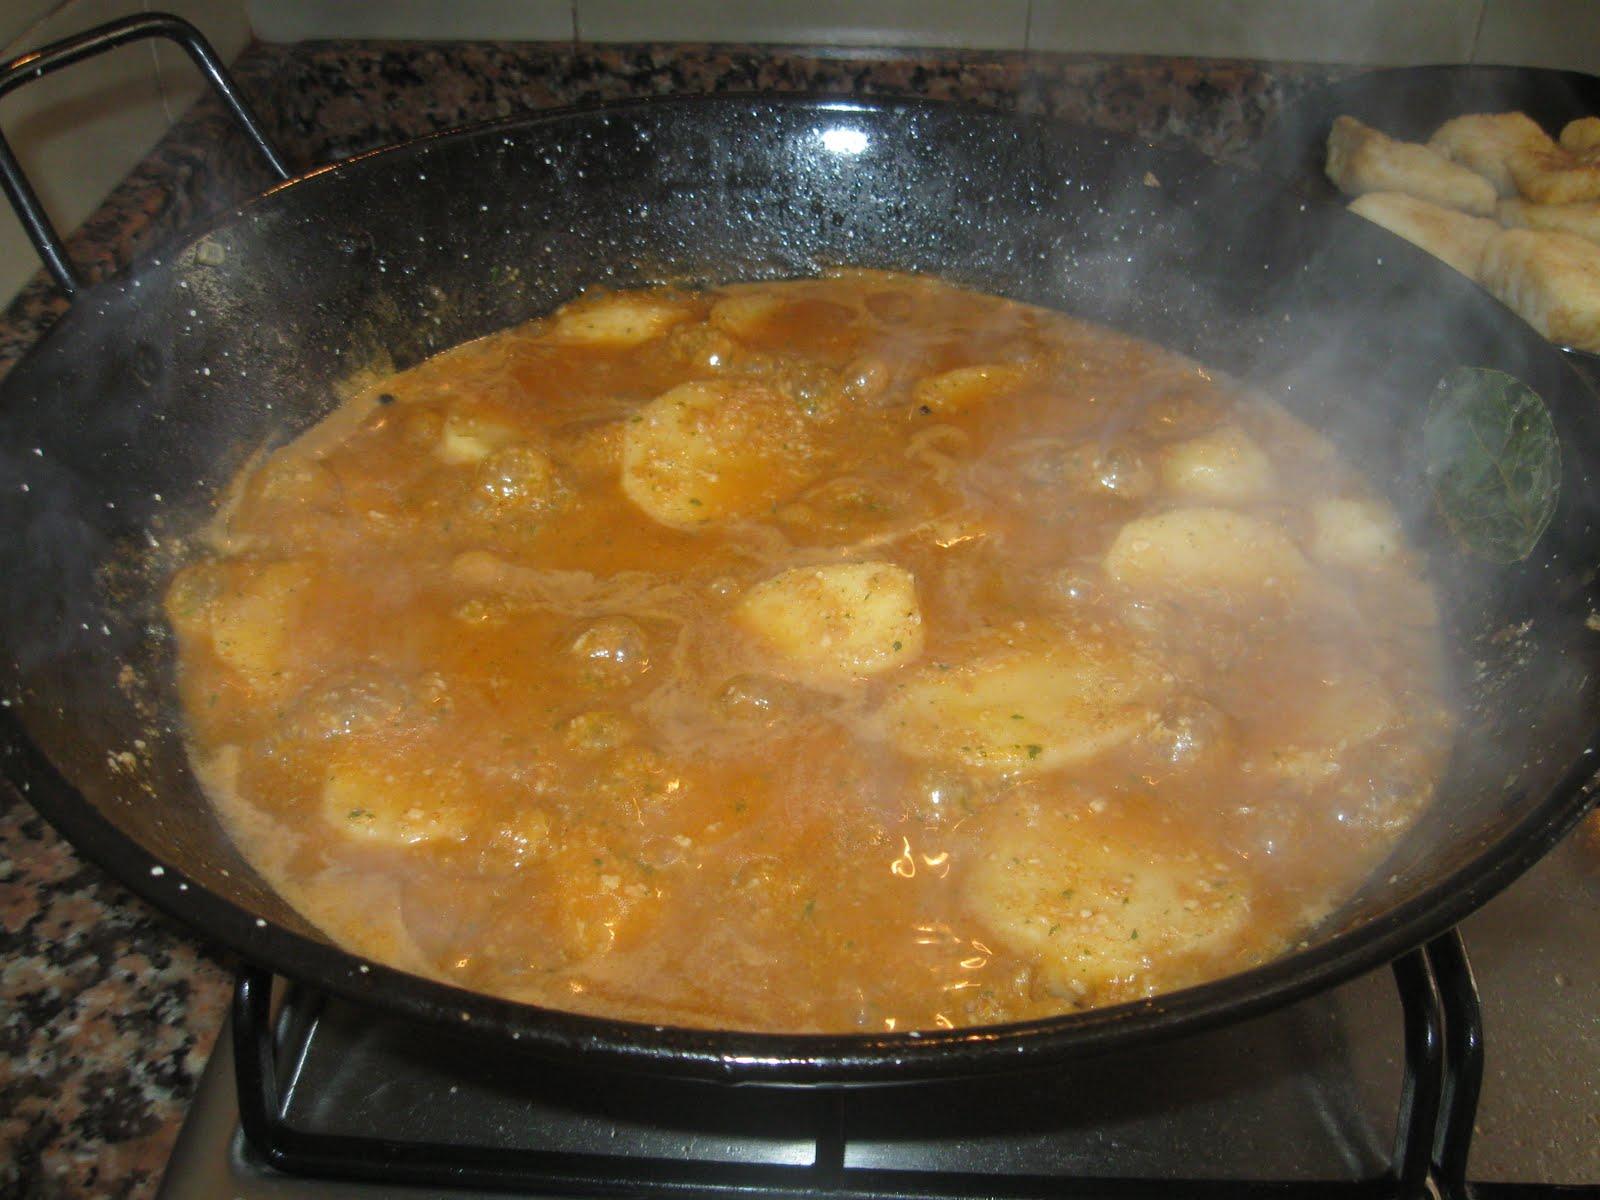 Cocina con quenyin bacalao con patatas en salsa de almendras - Patatas en caldo con bacalao ...